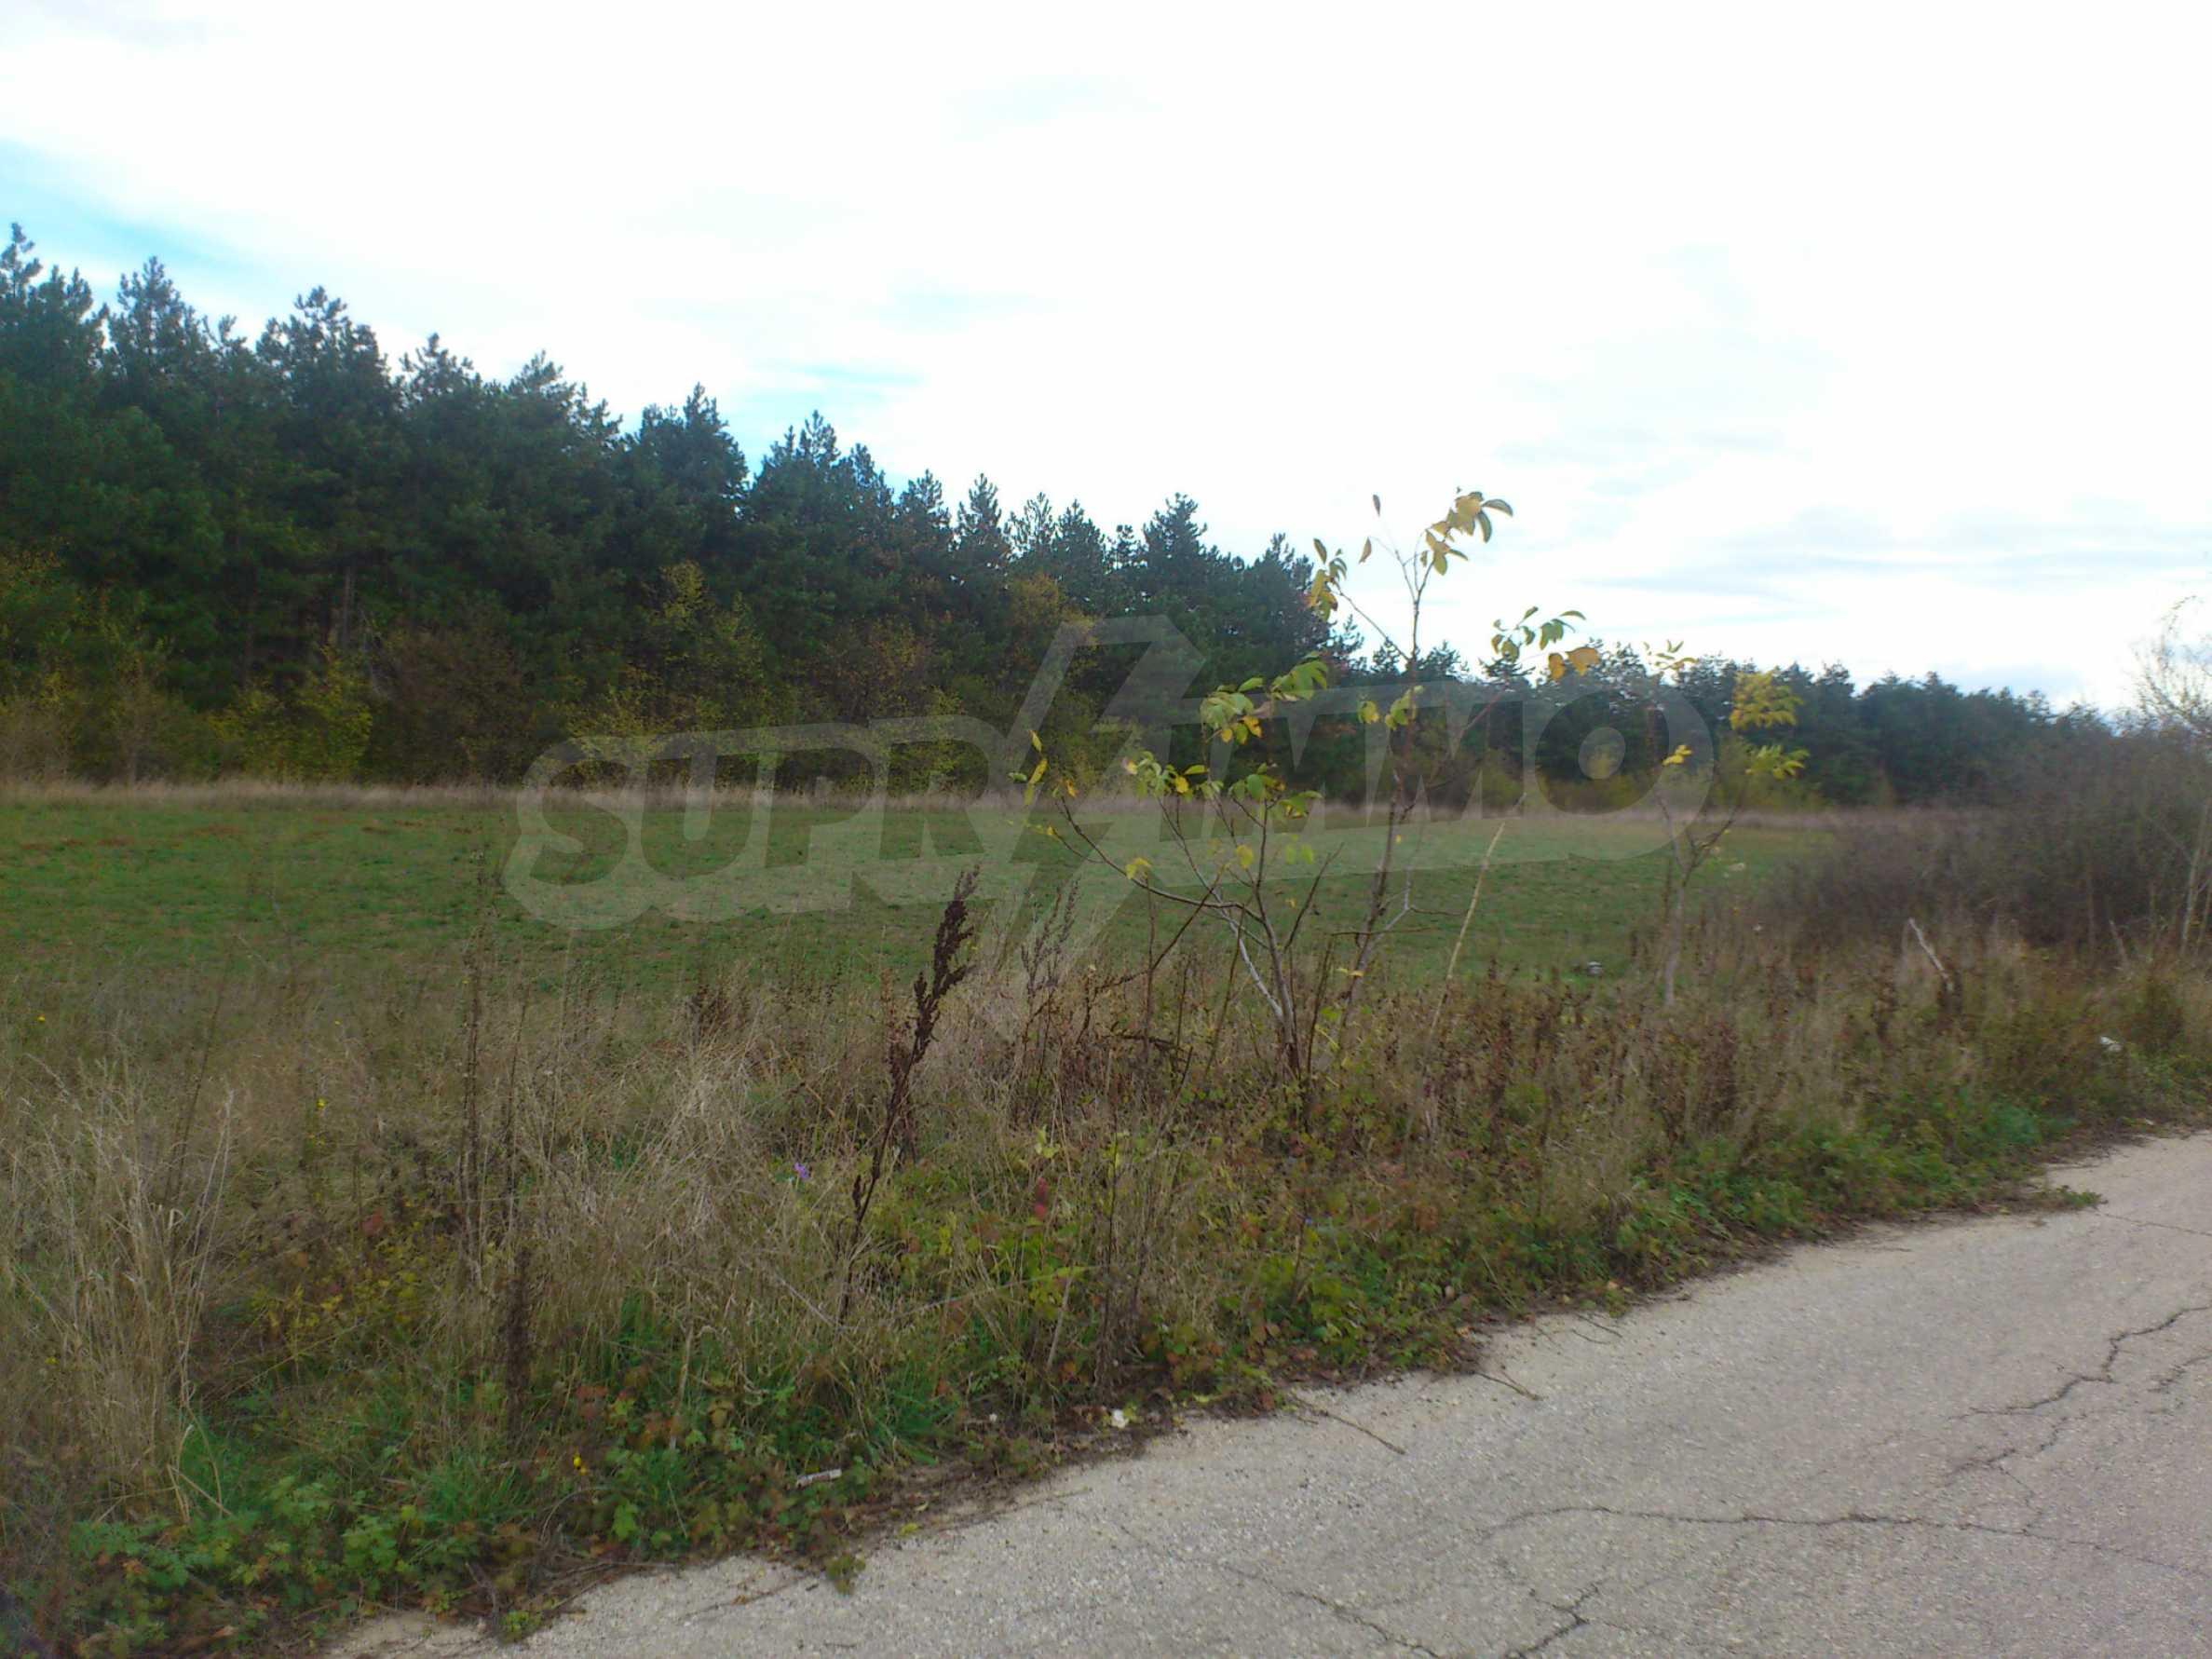 Grundstück 3 km von Veliko Tarnovo entfernt mit Blick auf eine Asphaltstraße 7